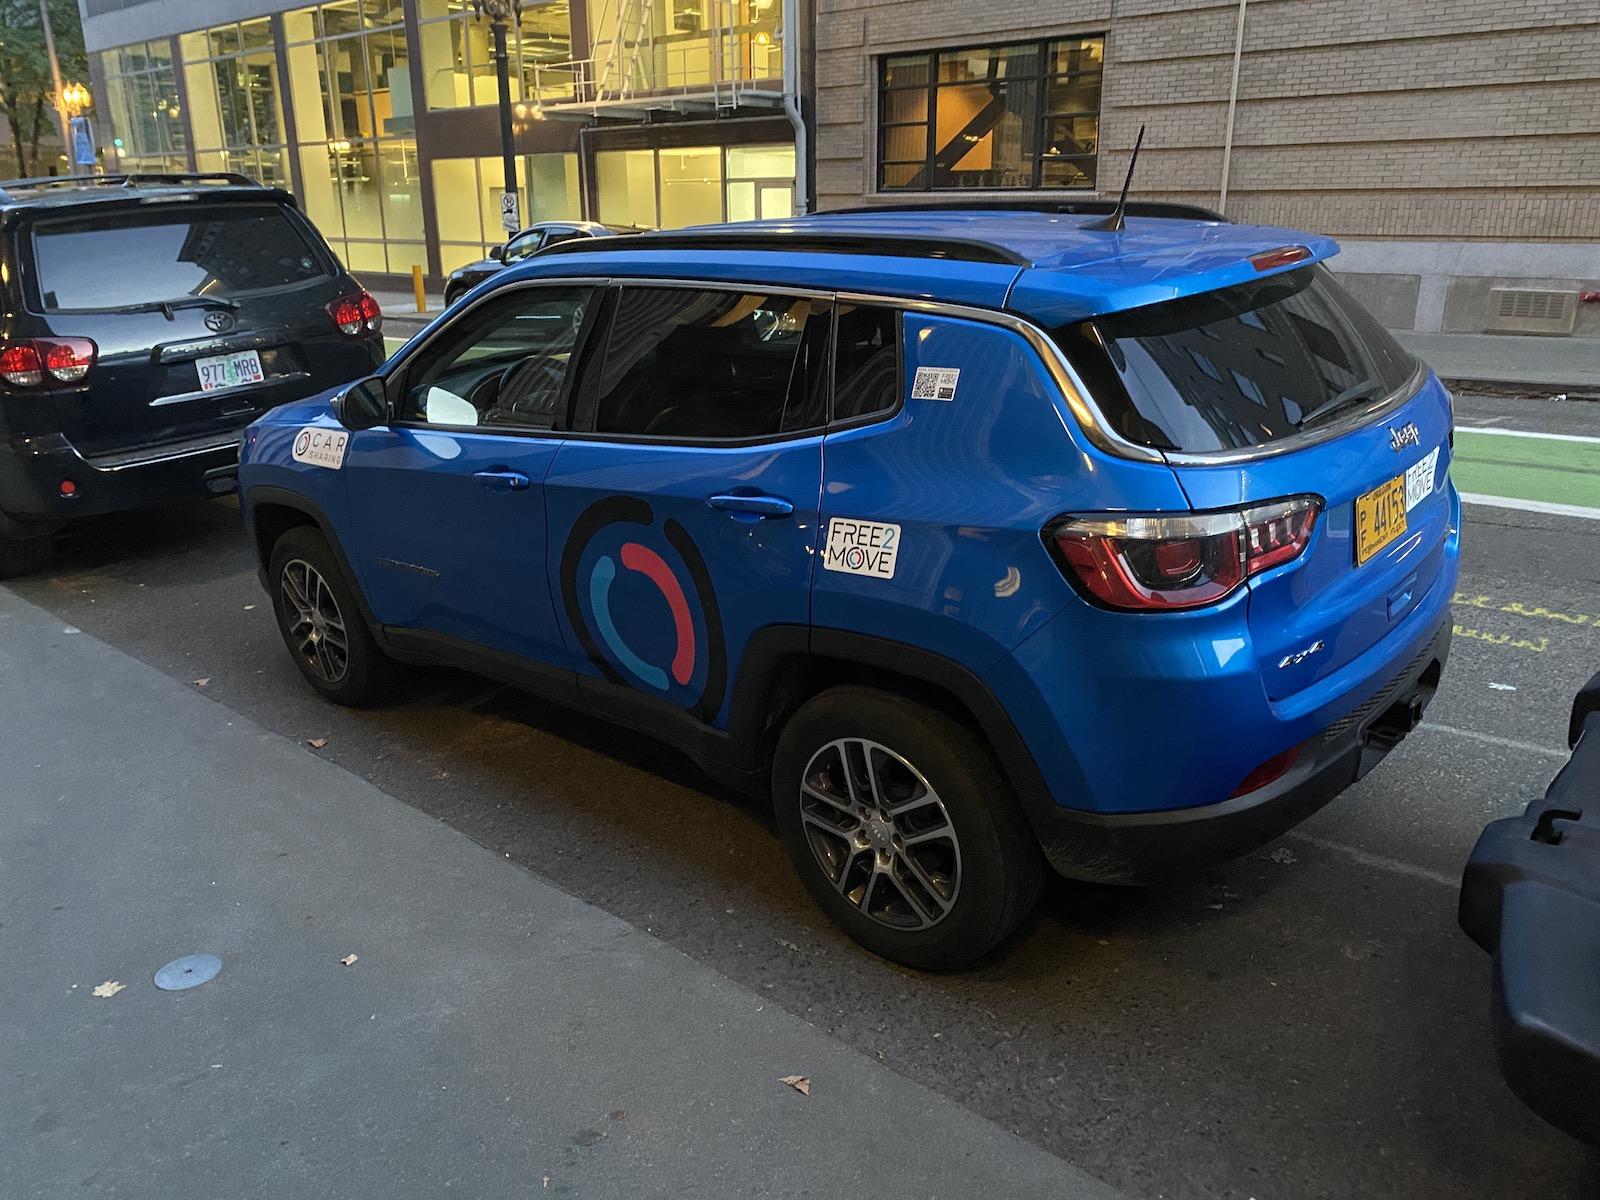 Free2Move Car Sharing